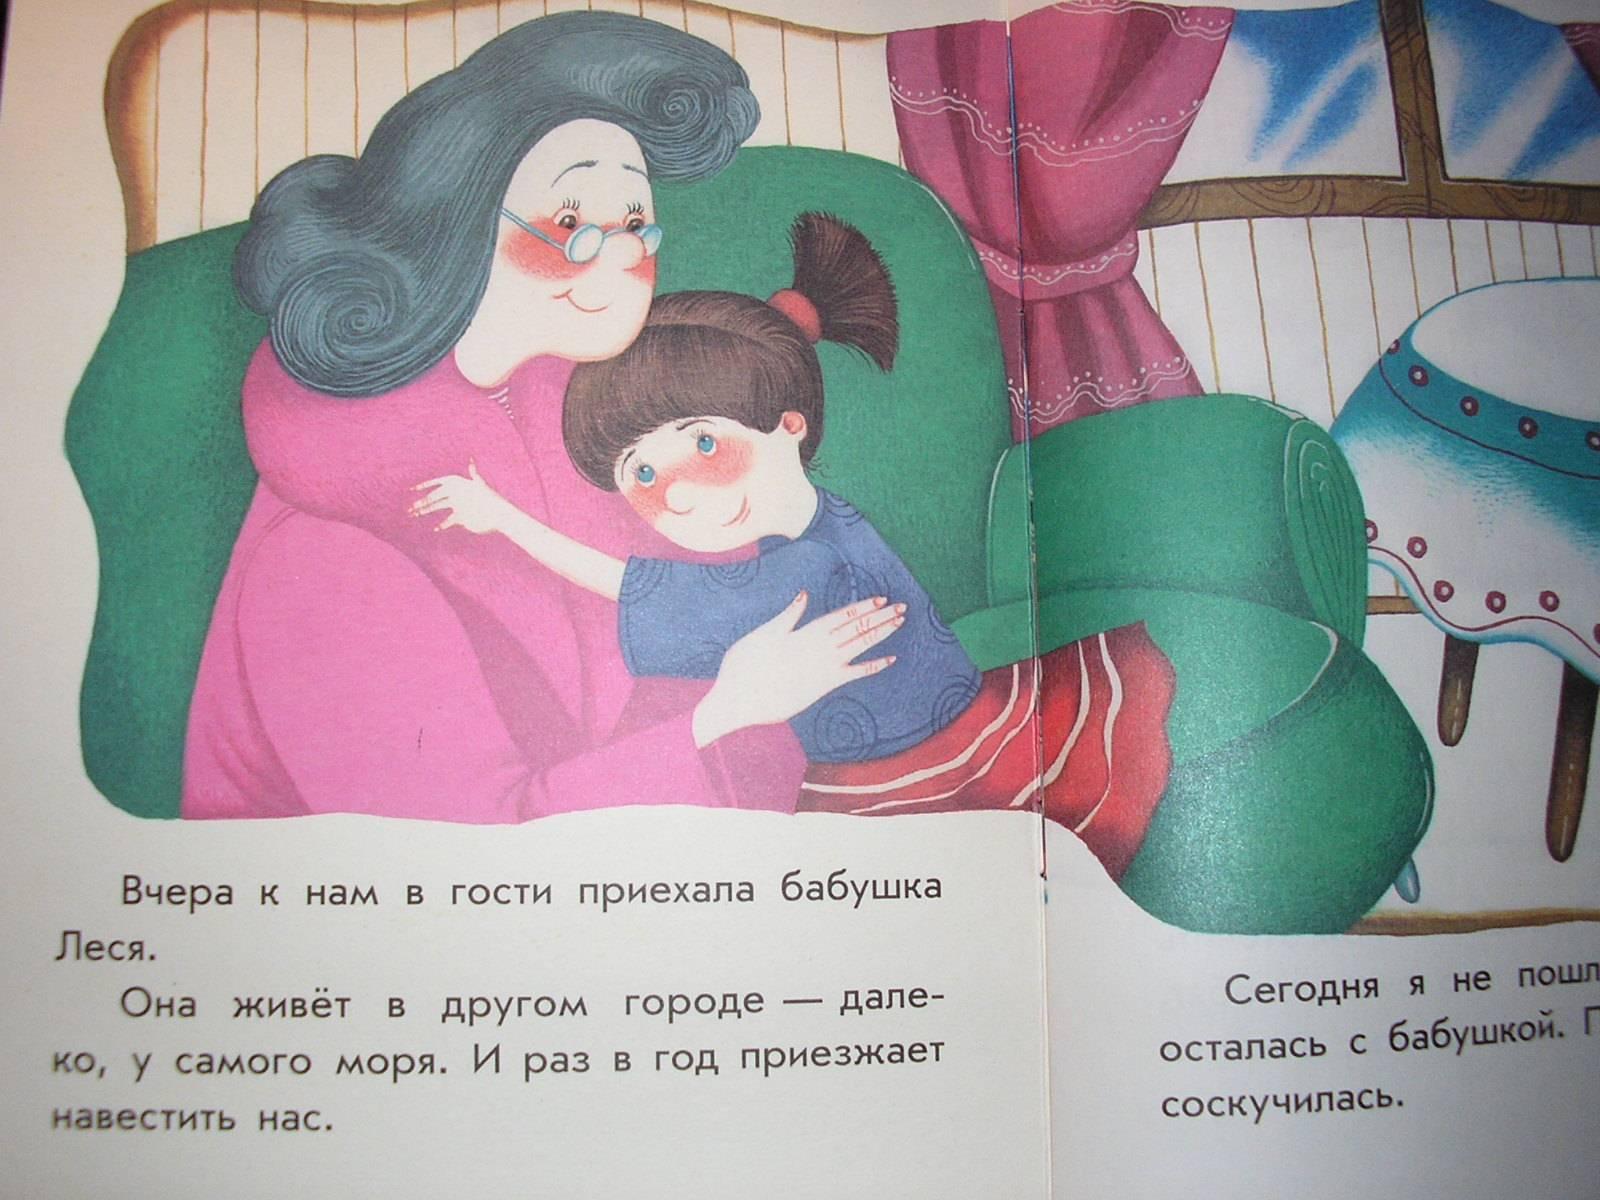 Иллюстрация 1 из 2 для Как мы с бабушкой варили борщ - Этери Басария | Лабиринт - книги. Источник: Спанч Боб